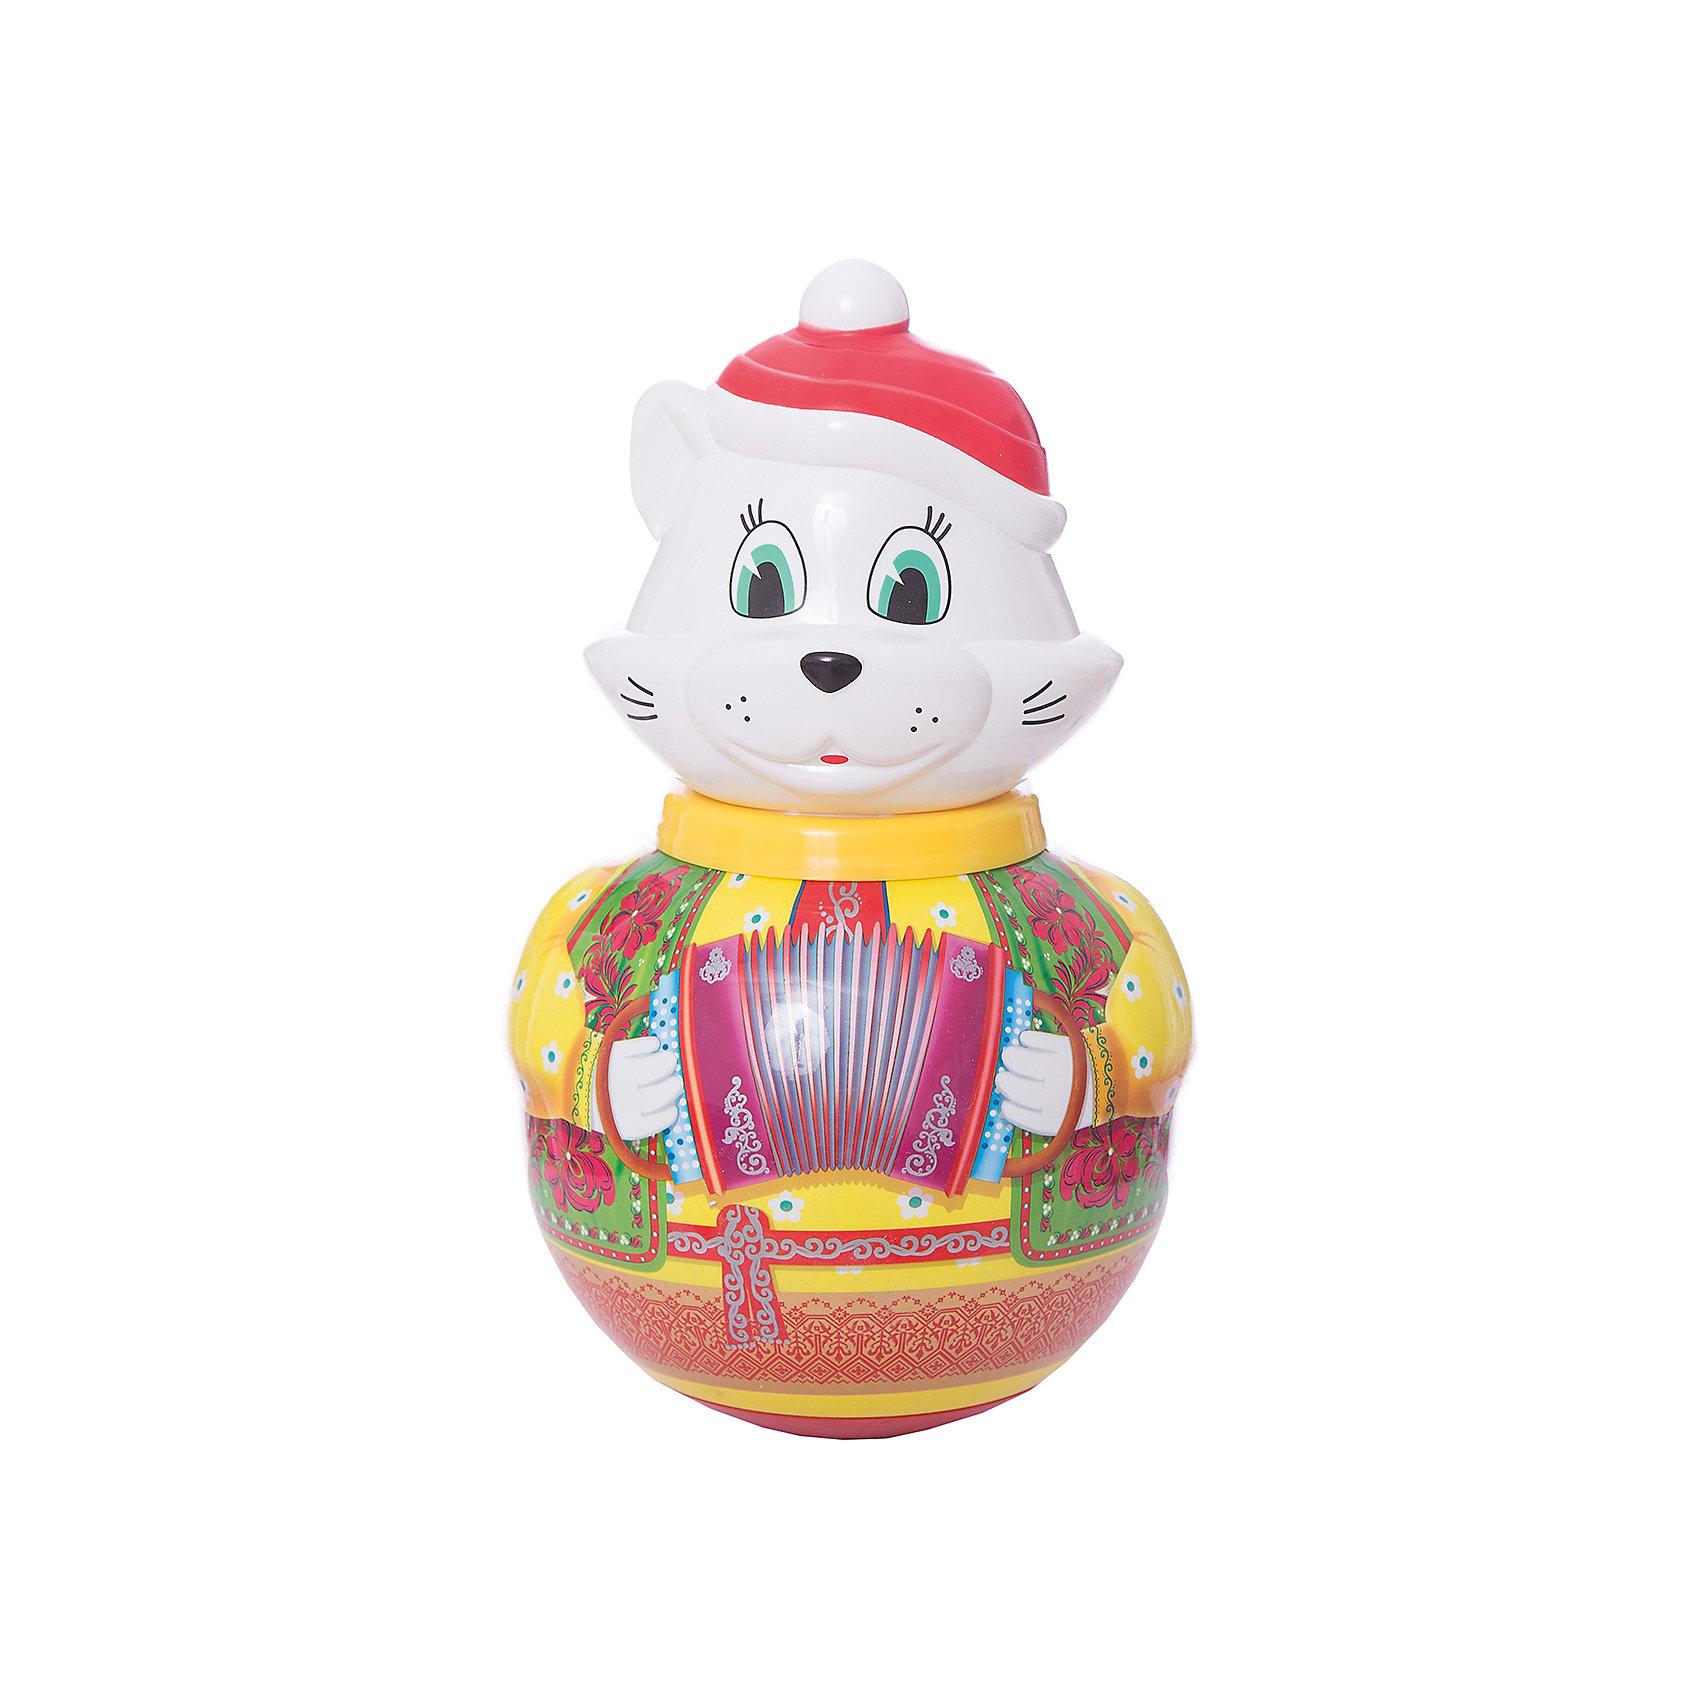 Неваляшка большая Кот Барсик, СтелларНеваляшки<br>Неваляшка большая Кот Барсик, Стеллар (Stellar) — забавная и яркая игрушка для вашего ребенка.<br><br>Рисунок на туловище кота-наваляшки имитирует расшитую узорами рубаху. Внутри перекатывается шарик-погремушка, издавая приятные мелодичные звуки.<br><br>Играя с неваляшкой, ребенок развивает мелкую моторику рук и звуковое восприятие.<br><br>Неваляшка Кот Барсик не оставит равнодушным ни одного малыша!<br><br>Дополнительная информация:<br><br>- Материал: пластмасса<br>- Высота игрушки: 280 мм<br>- Размер упаковки: 180 х 180 х 280 мм<br>- Вес: 660 г.<br><br>Неваляшку большую Кот Барсик, Стеллар (Stellar) можно купить в нашем интернет-магазине.<br><br>Ширина мм: 180<br>Глубина мм: 180<br>Высота мм: 280<br>Вес г: 660<br>Возраст от месяцев: 6<br>Возраст до месяцев: 18<br>Пол: Унисекс<br>Возраст: Детский<br>SKU: 3362100